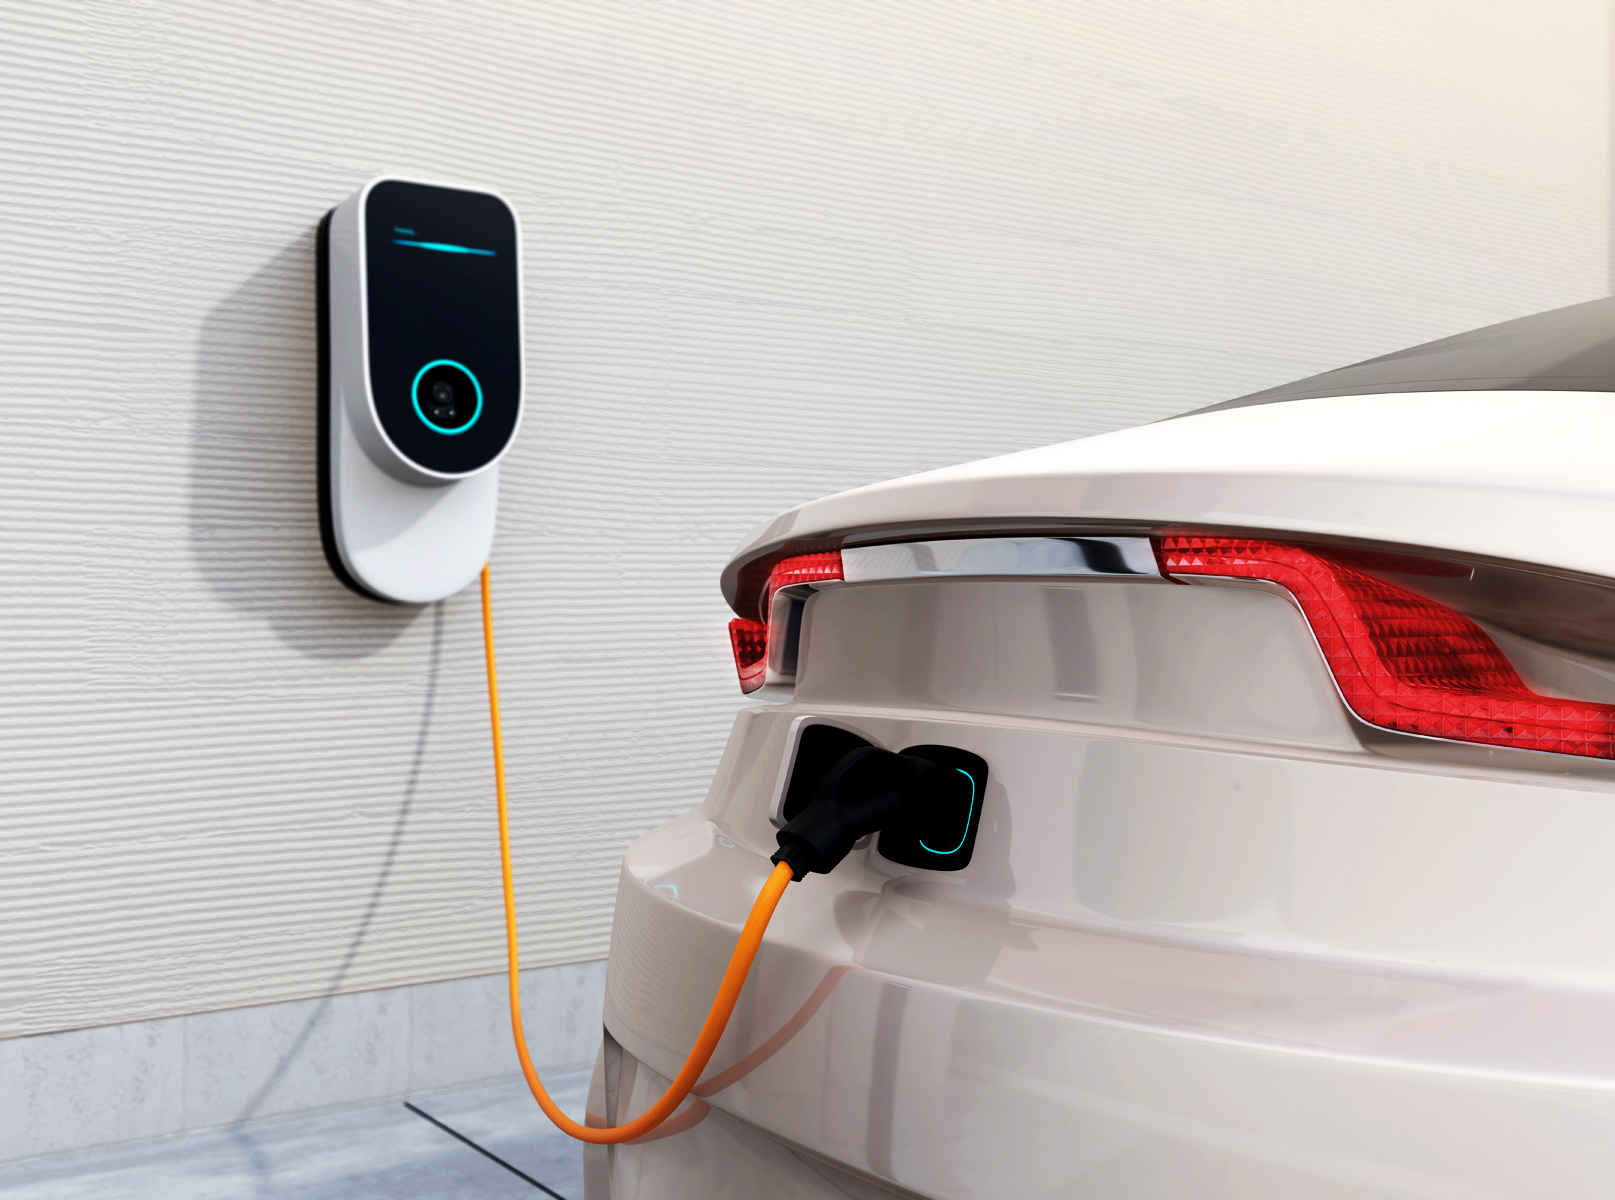 home EV charging station